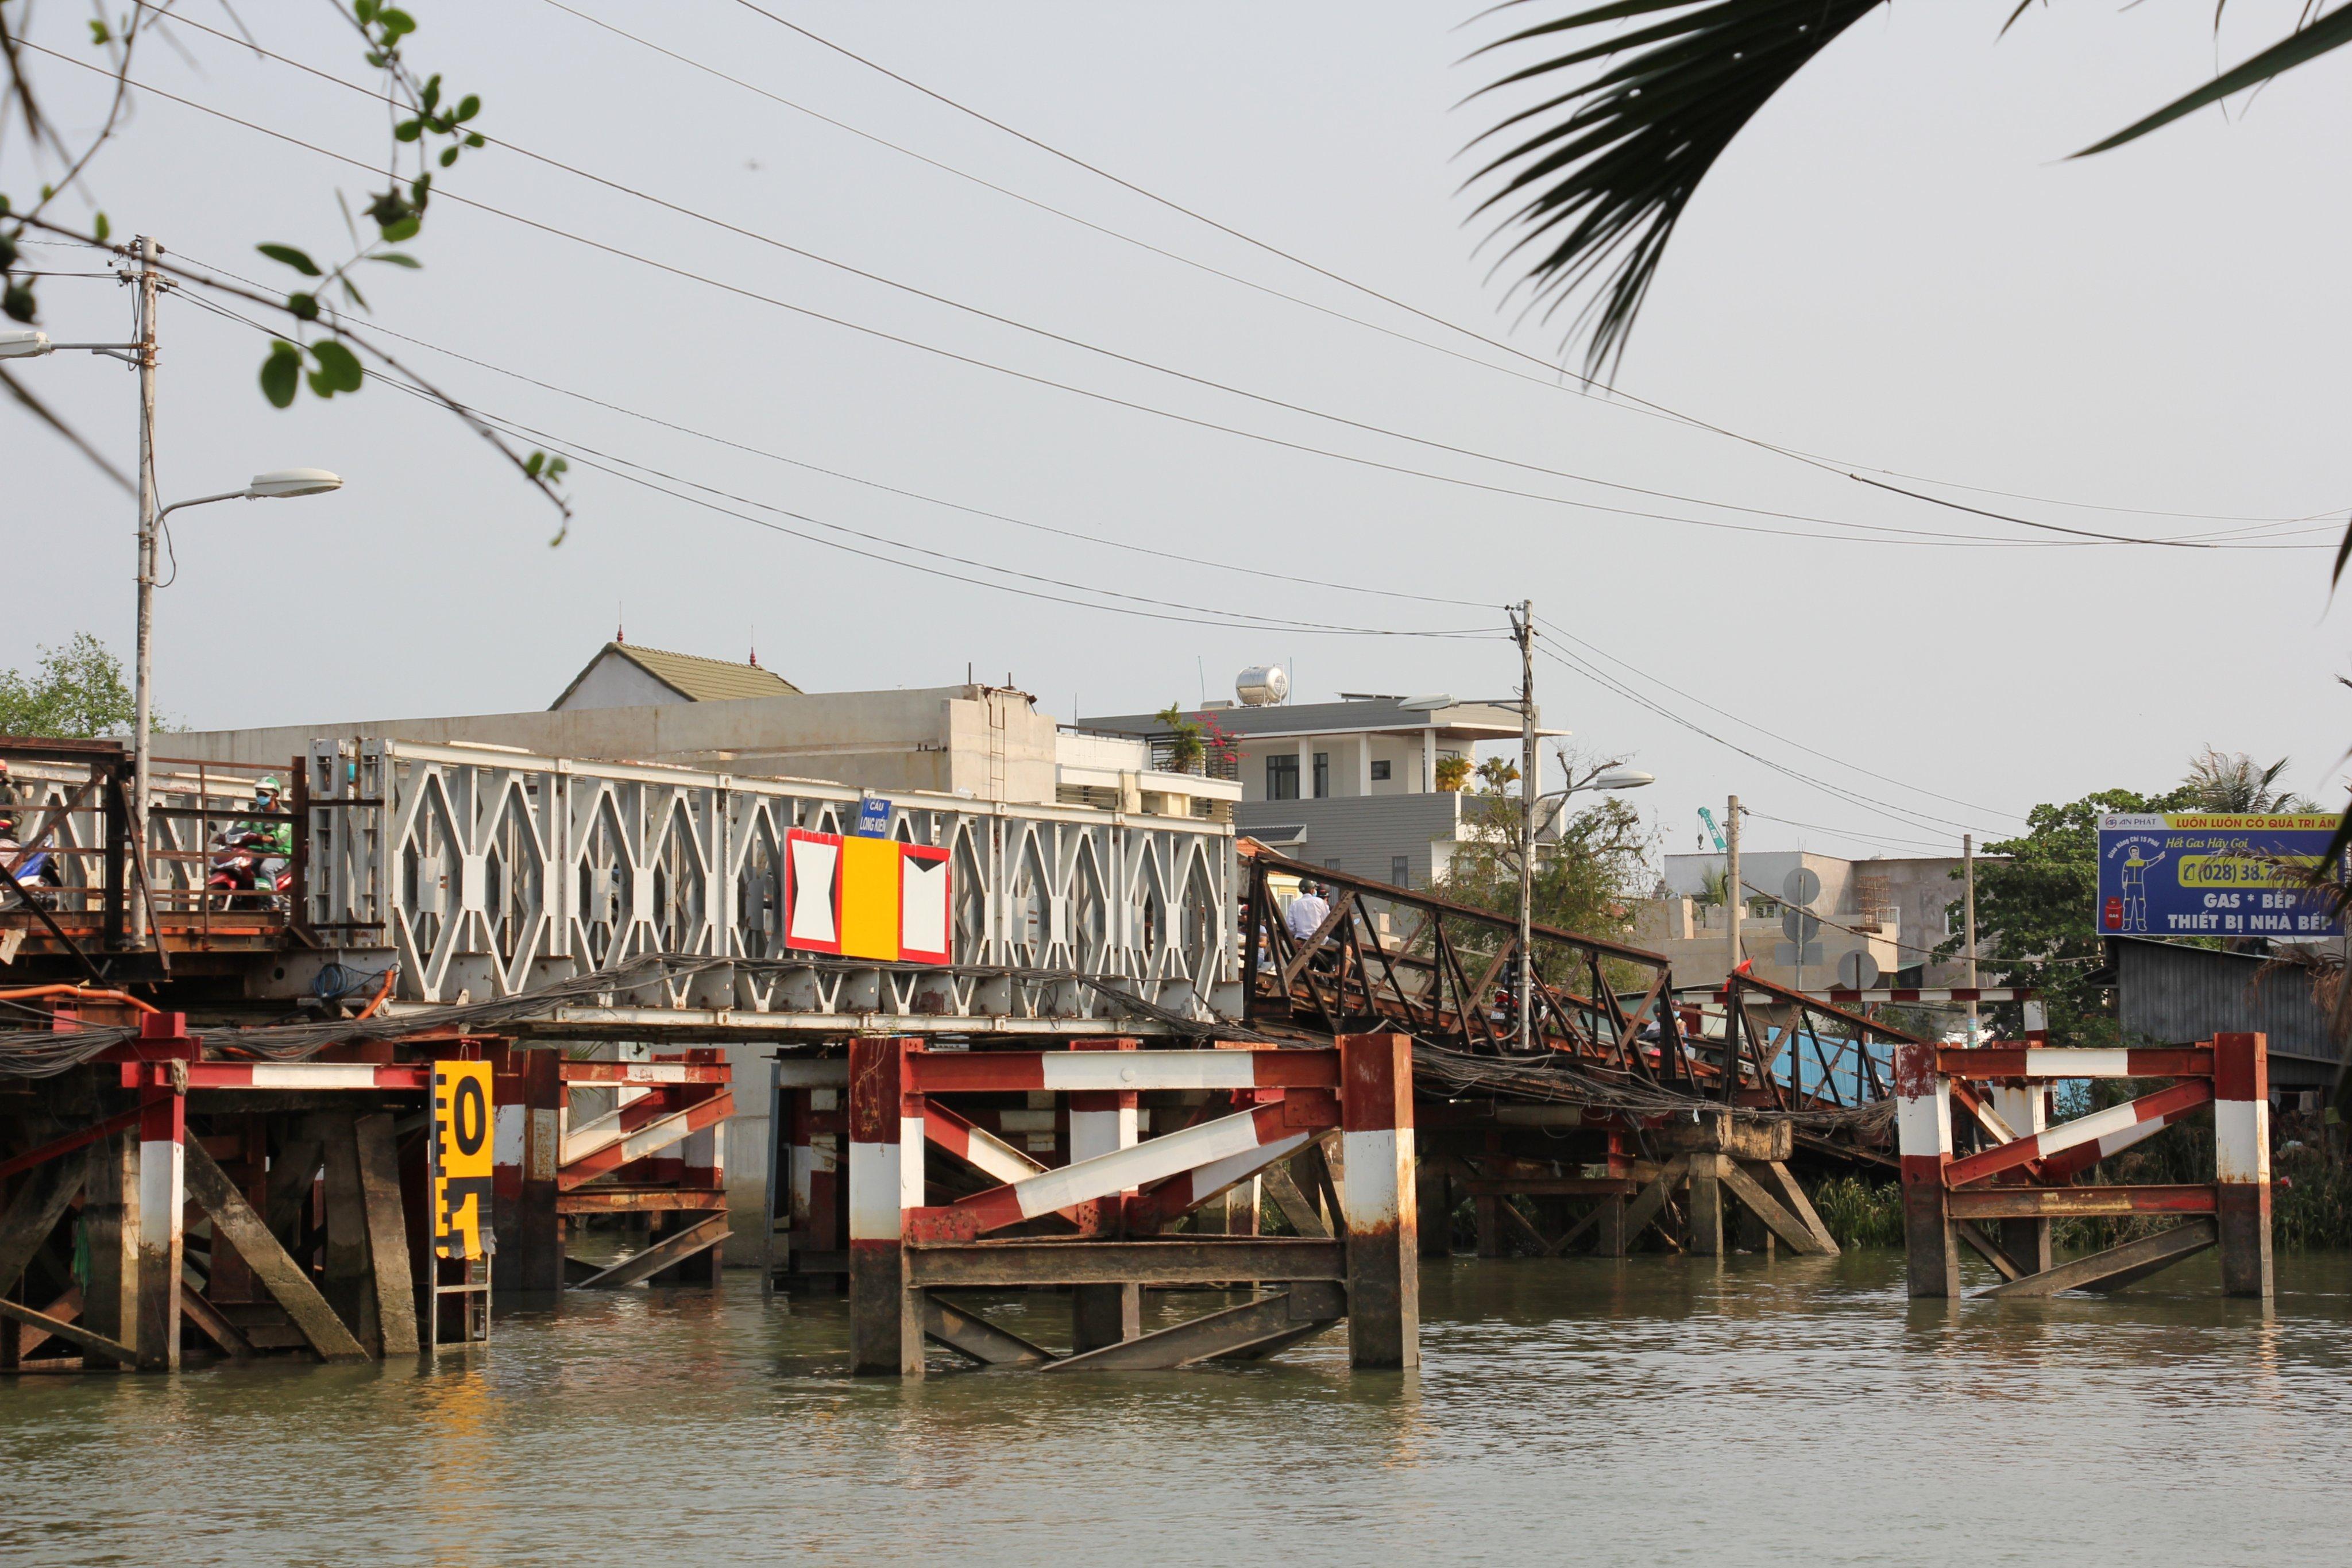 Cầu sắt Long Kiểng đã xuống cấp nghiêm trọng